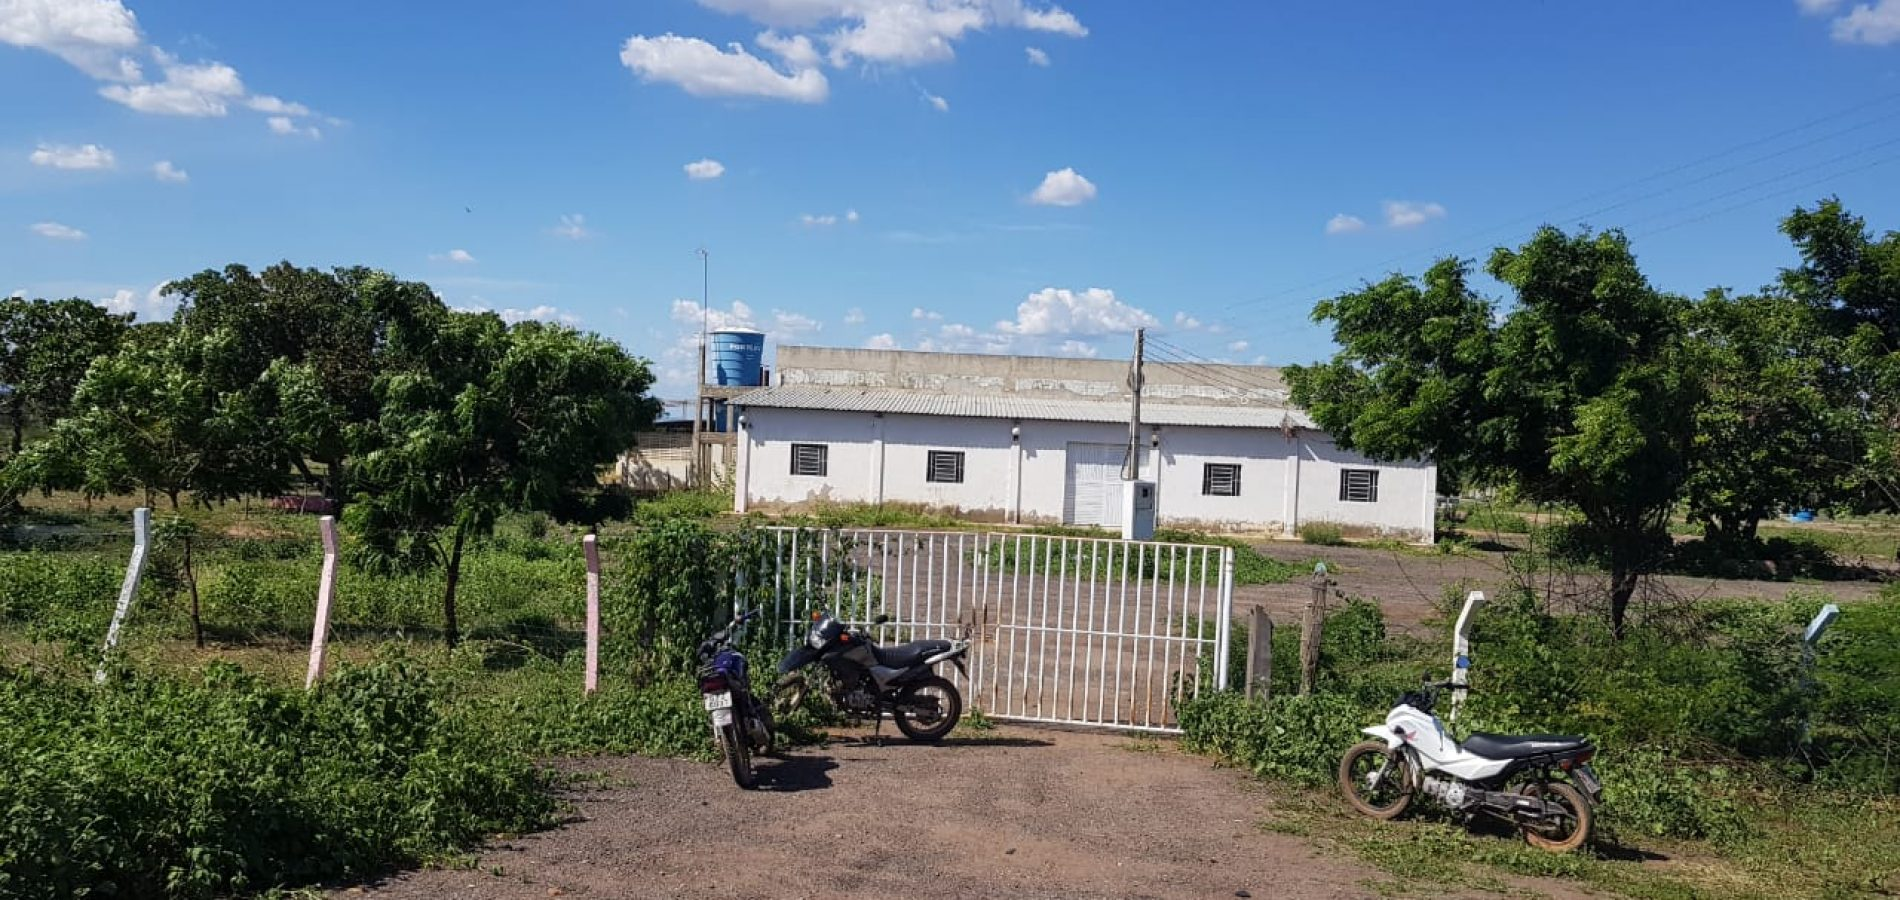 Povoado Bem-te-vi, BR-316, perímetro do município de Santo Antônio de Lisboa